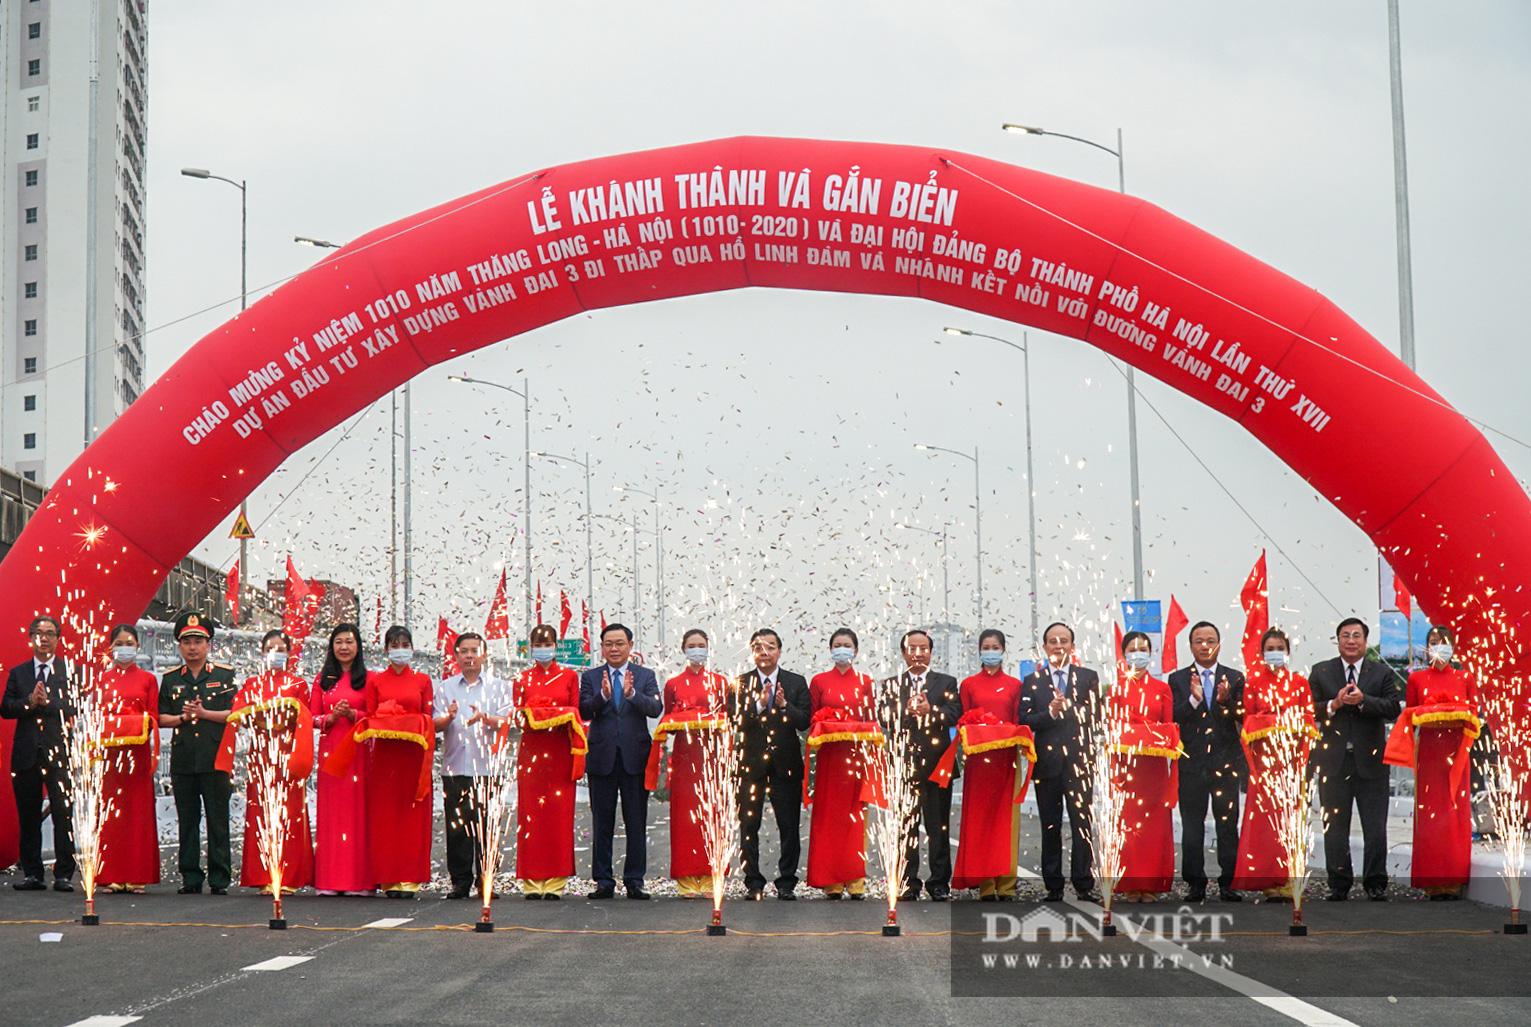 Tân chủ tịch Hà Nội cùng bộ trưởng Nguyễn Văn Thể dự lễ thông xe qua hồ Linh Đàm - Ảnh 1.